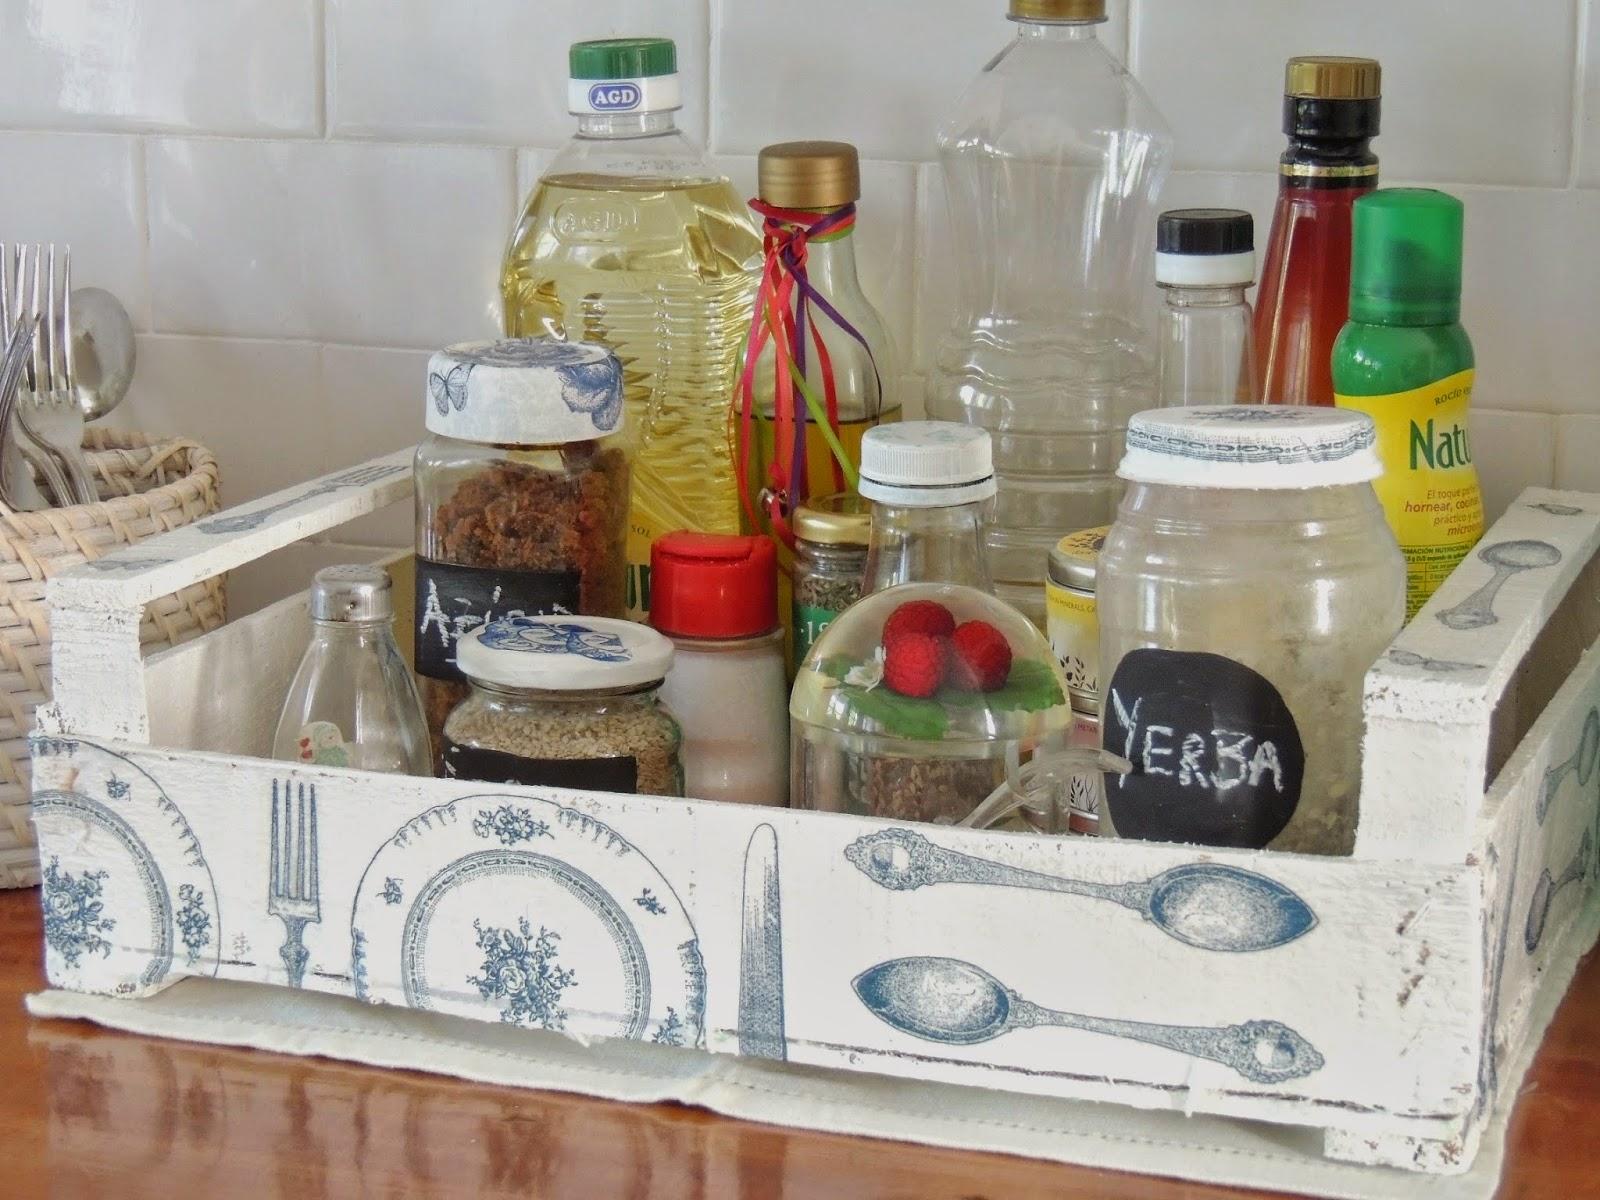 Tazas cuentos cajoncito de condimentos - Cajas de herramientas baratas ...